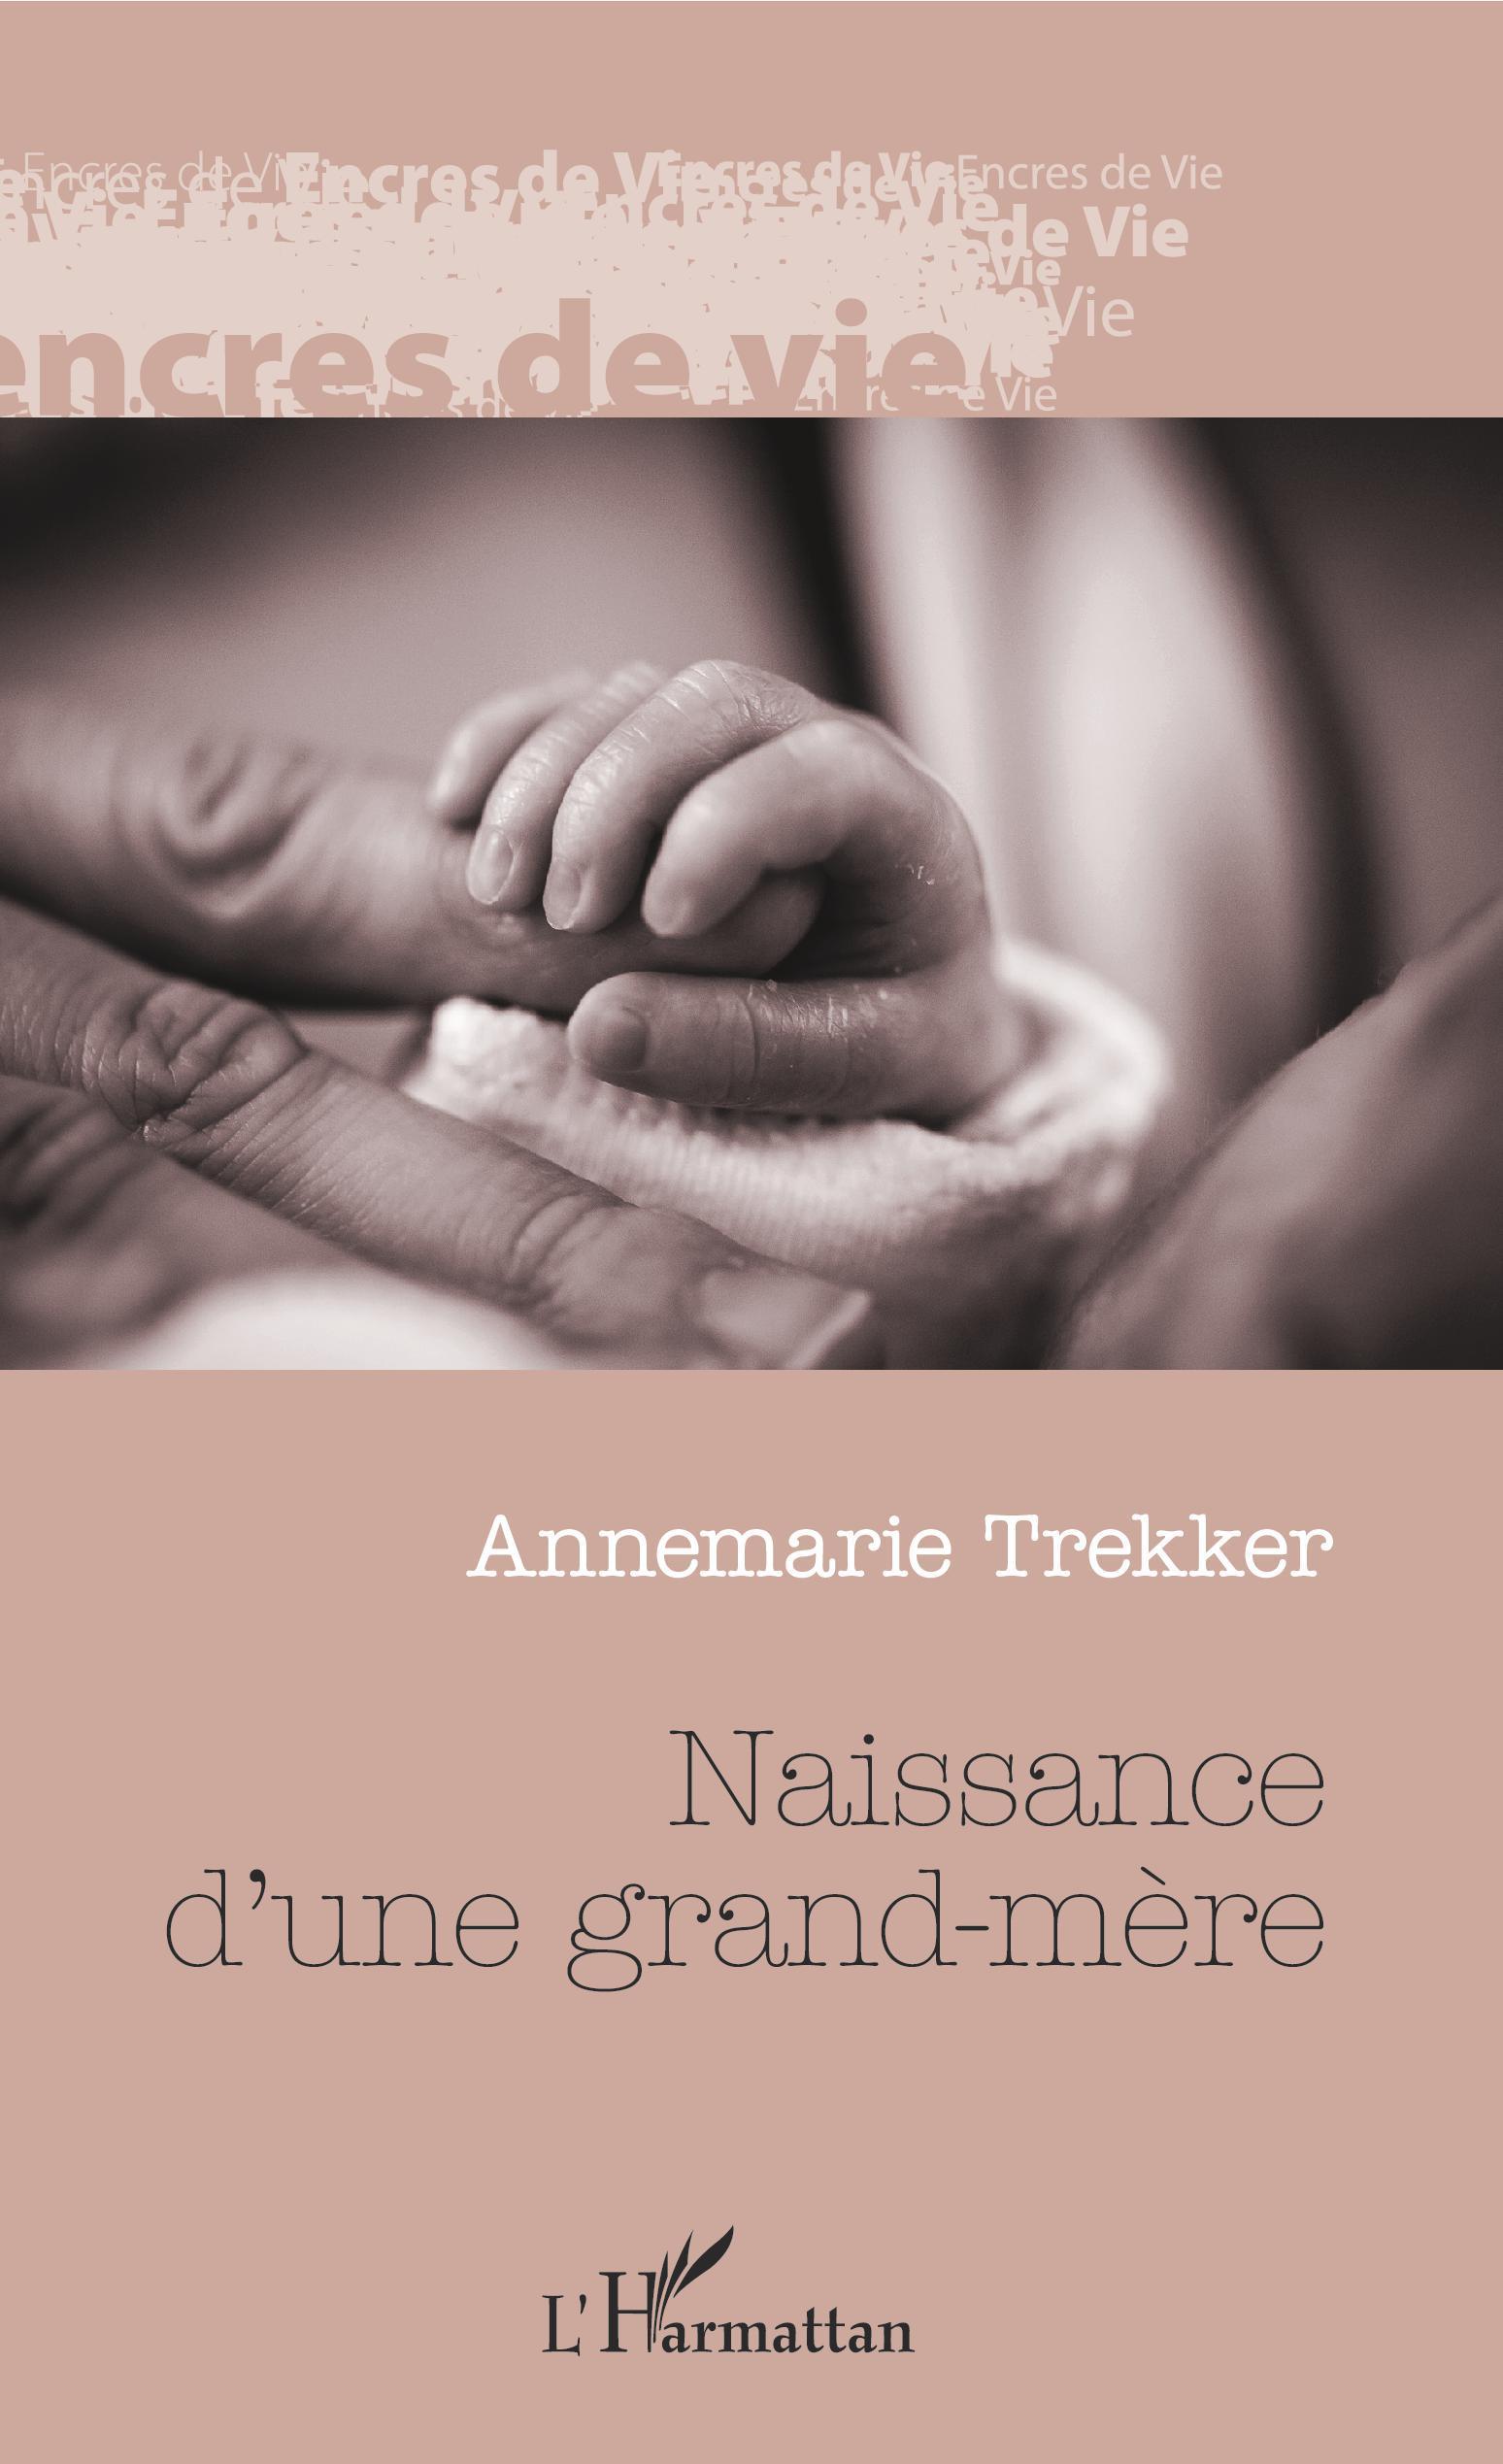 NAISSANCE D'UNE GRAND-MERE